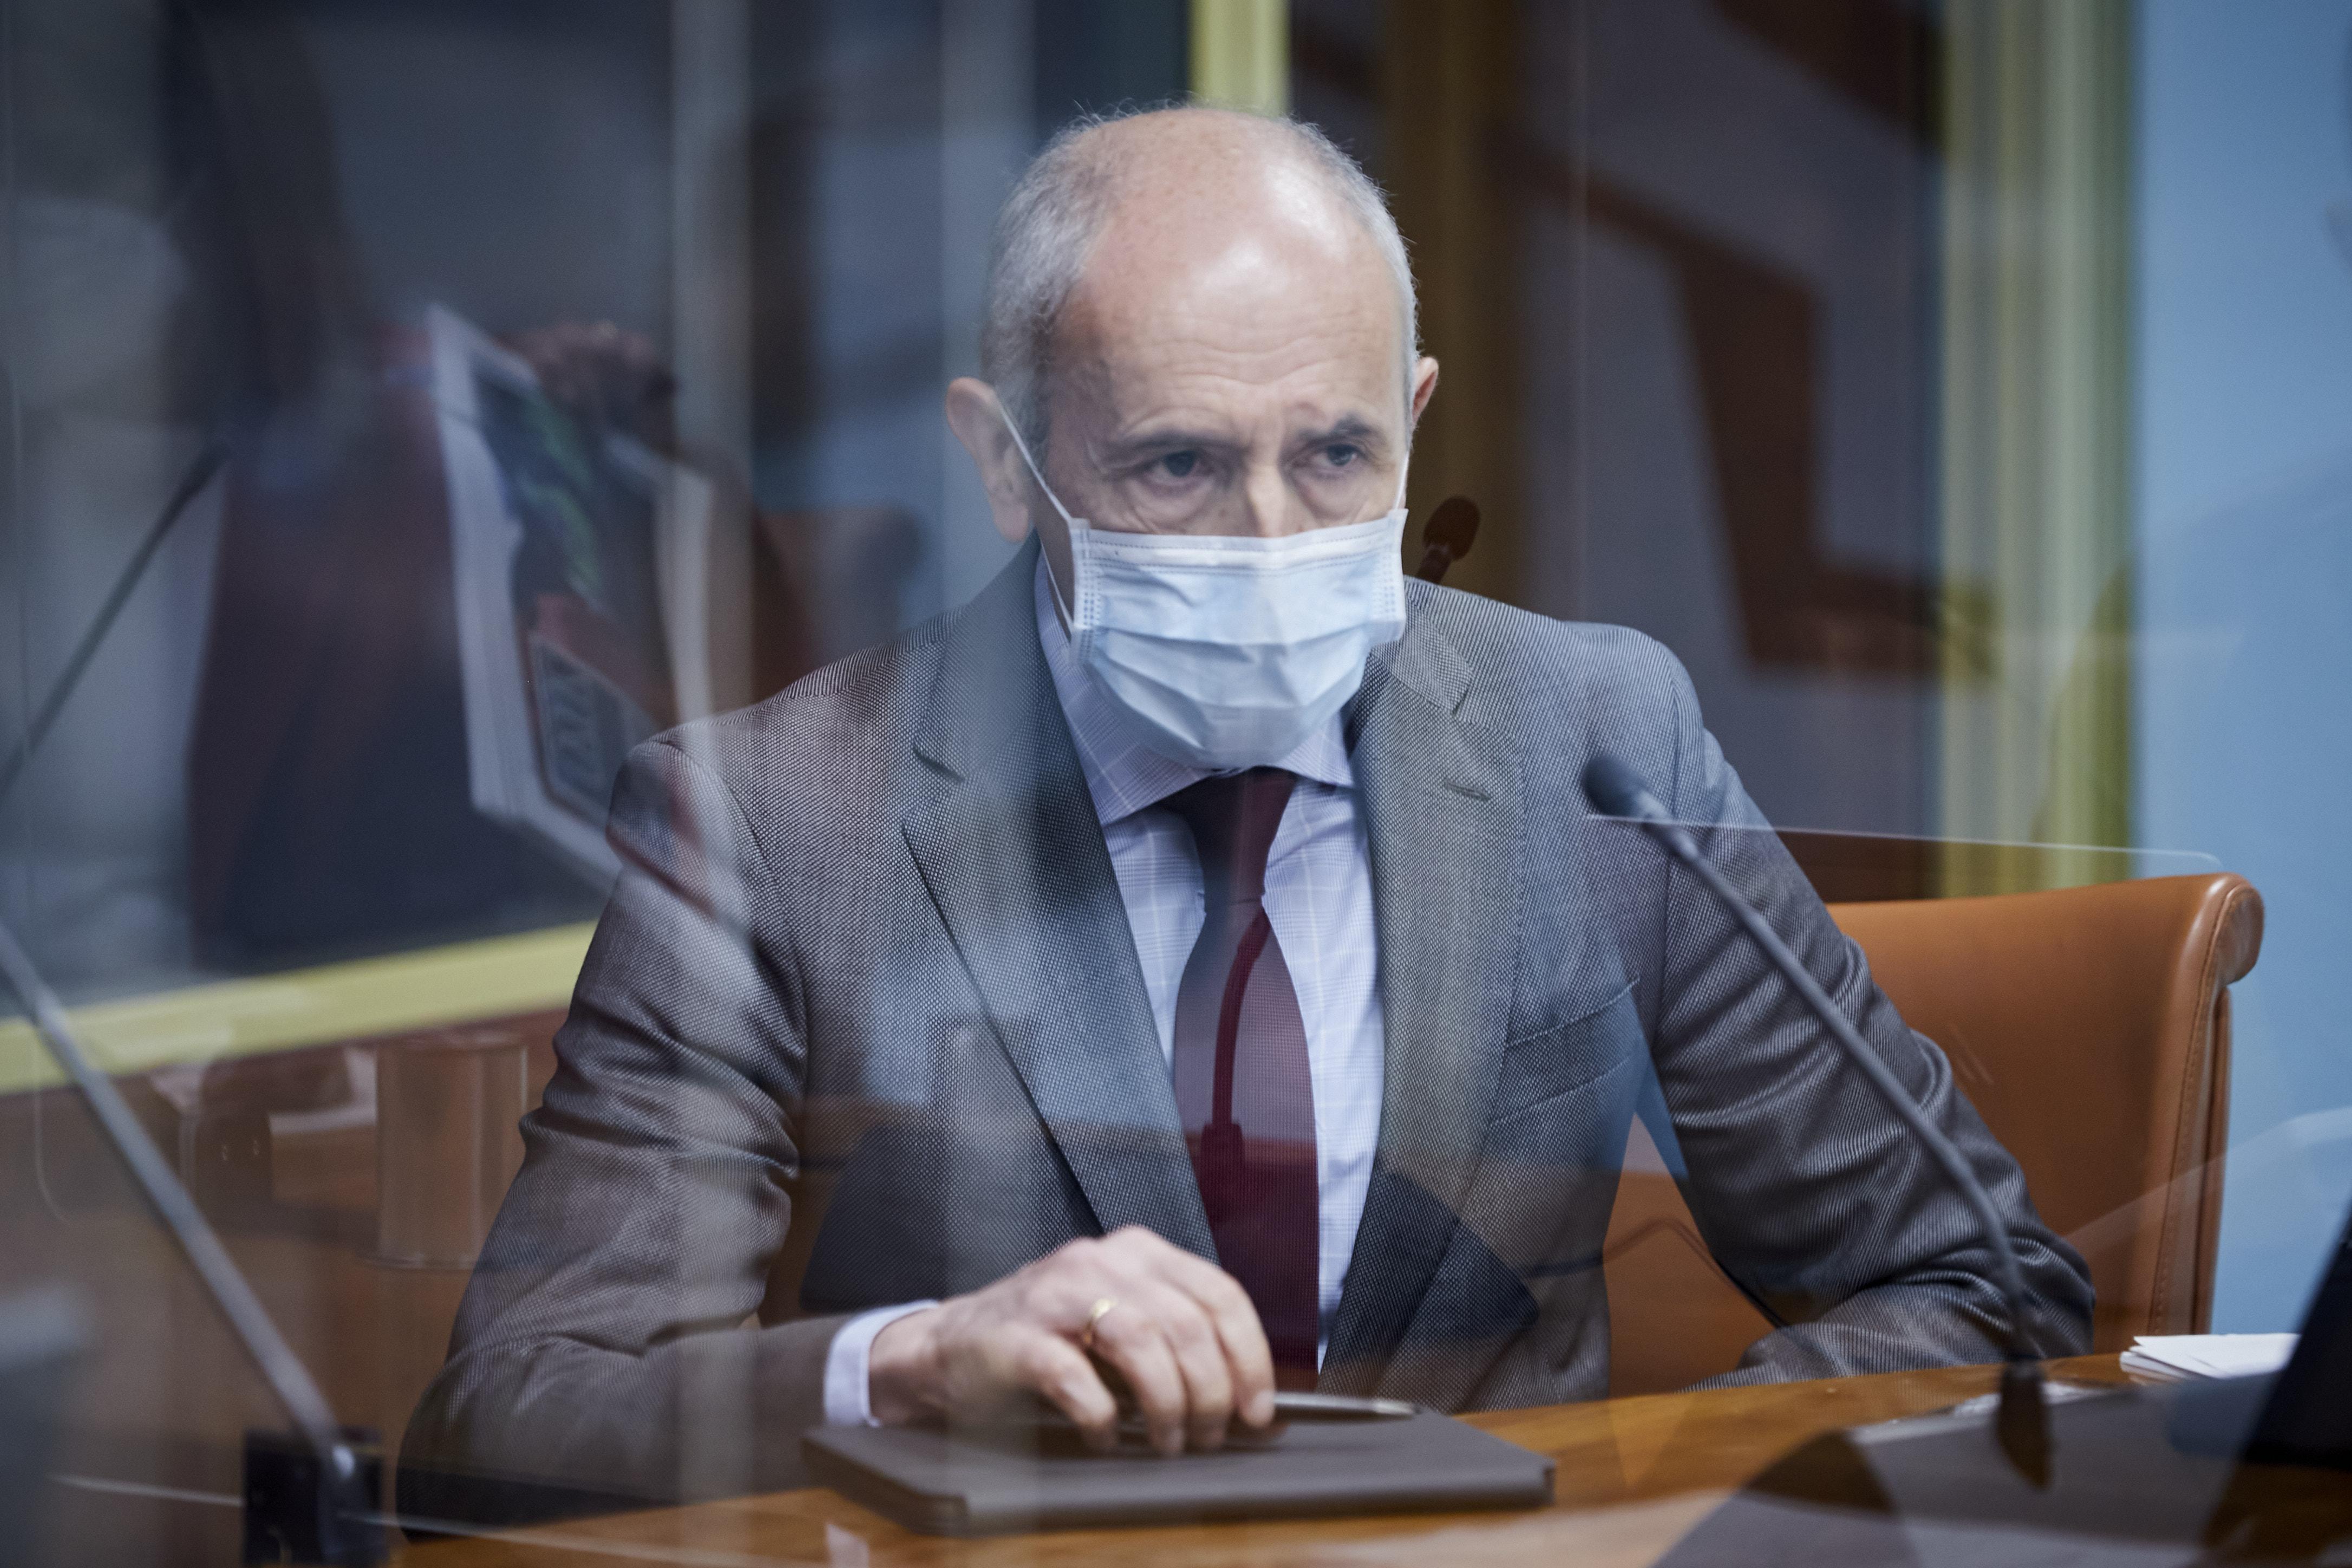 2021.03.29_Comision_de_Instituciones__Gobernanza_Publica_y_Seguridad_020.jpg